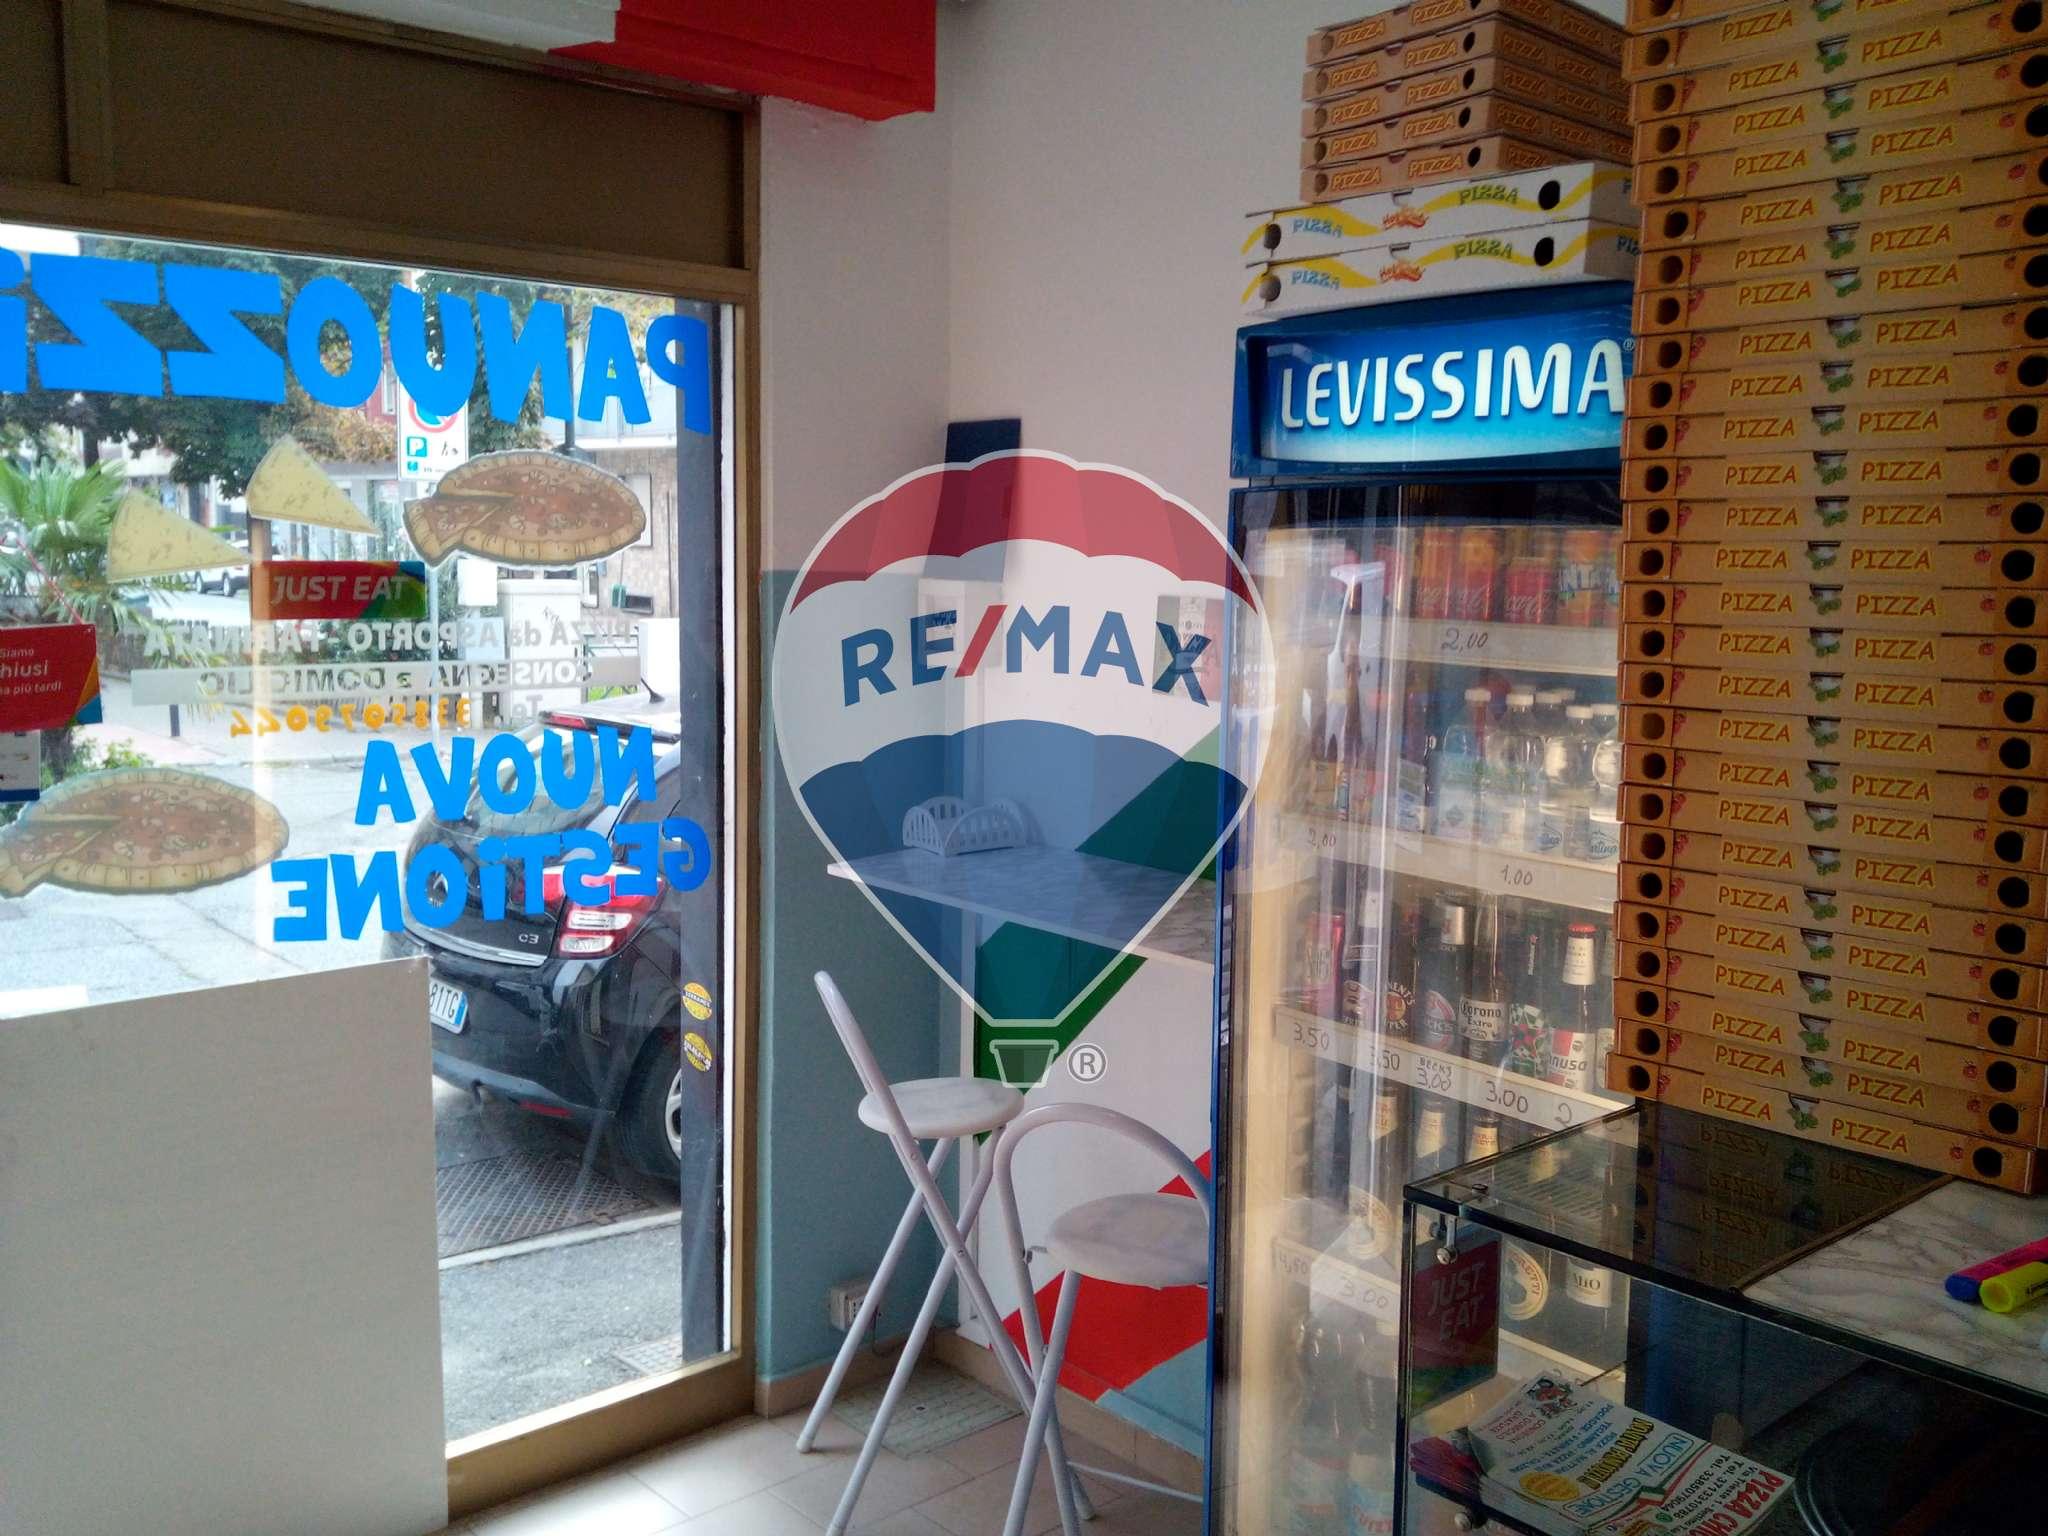 Ristorante / Pizzeria / Trattoria in vendita a Venaria Reale, 2 locali, prezzo € 25.000 | PortaleAgenzieImmobiliari.it